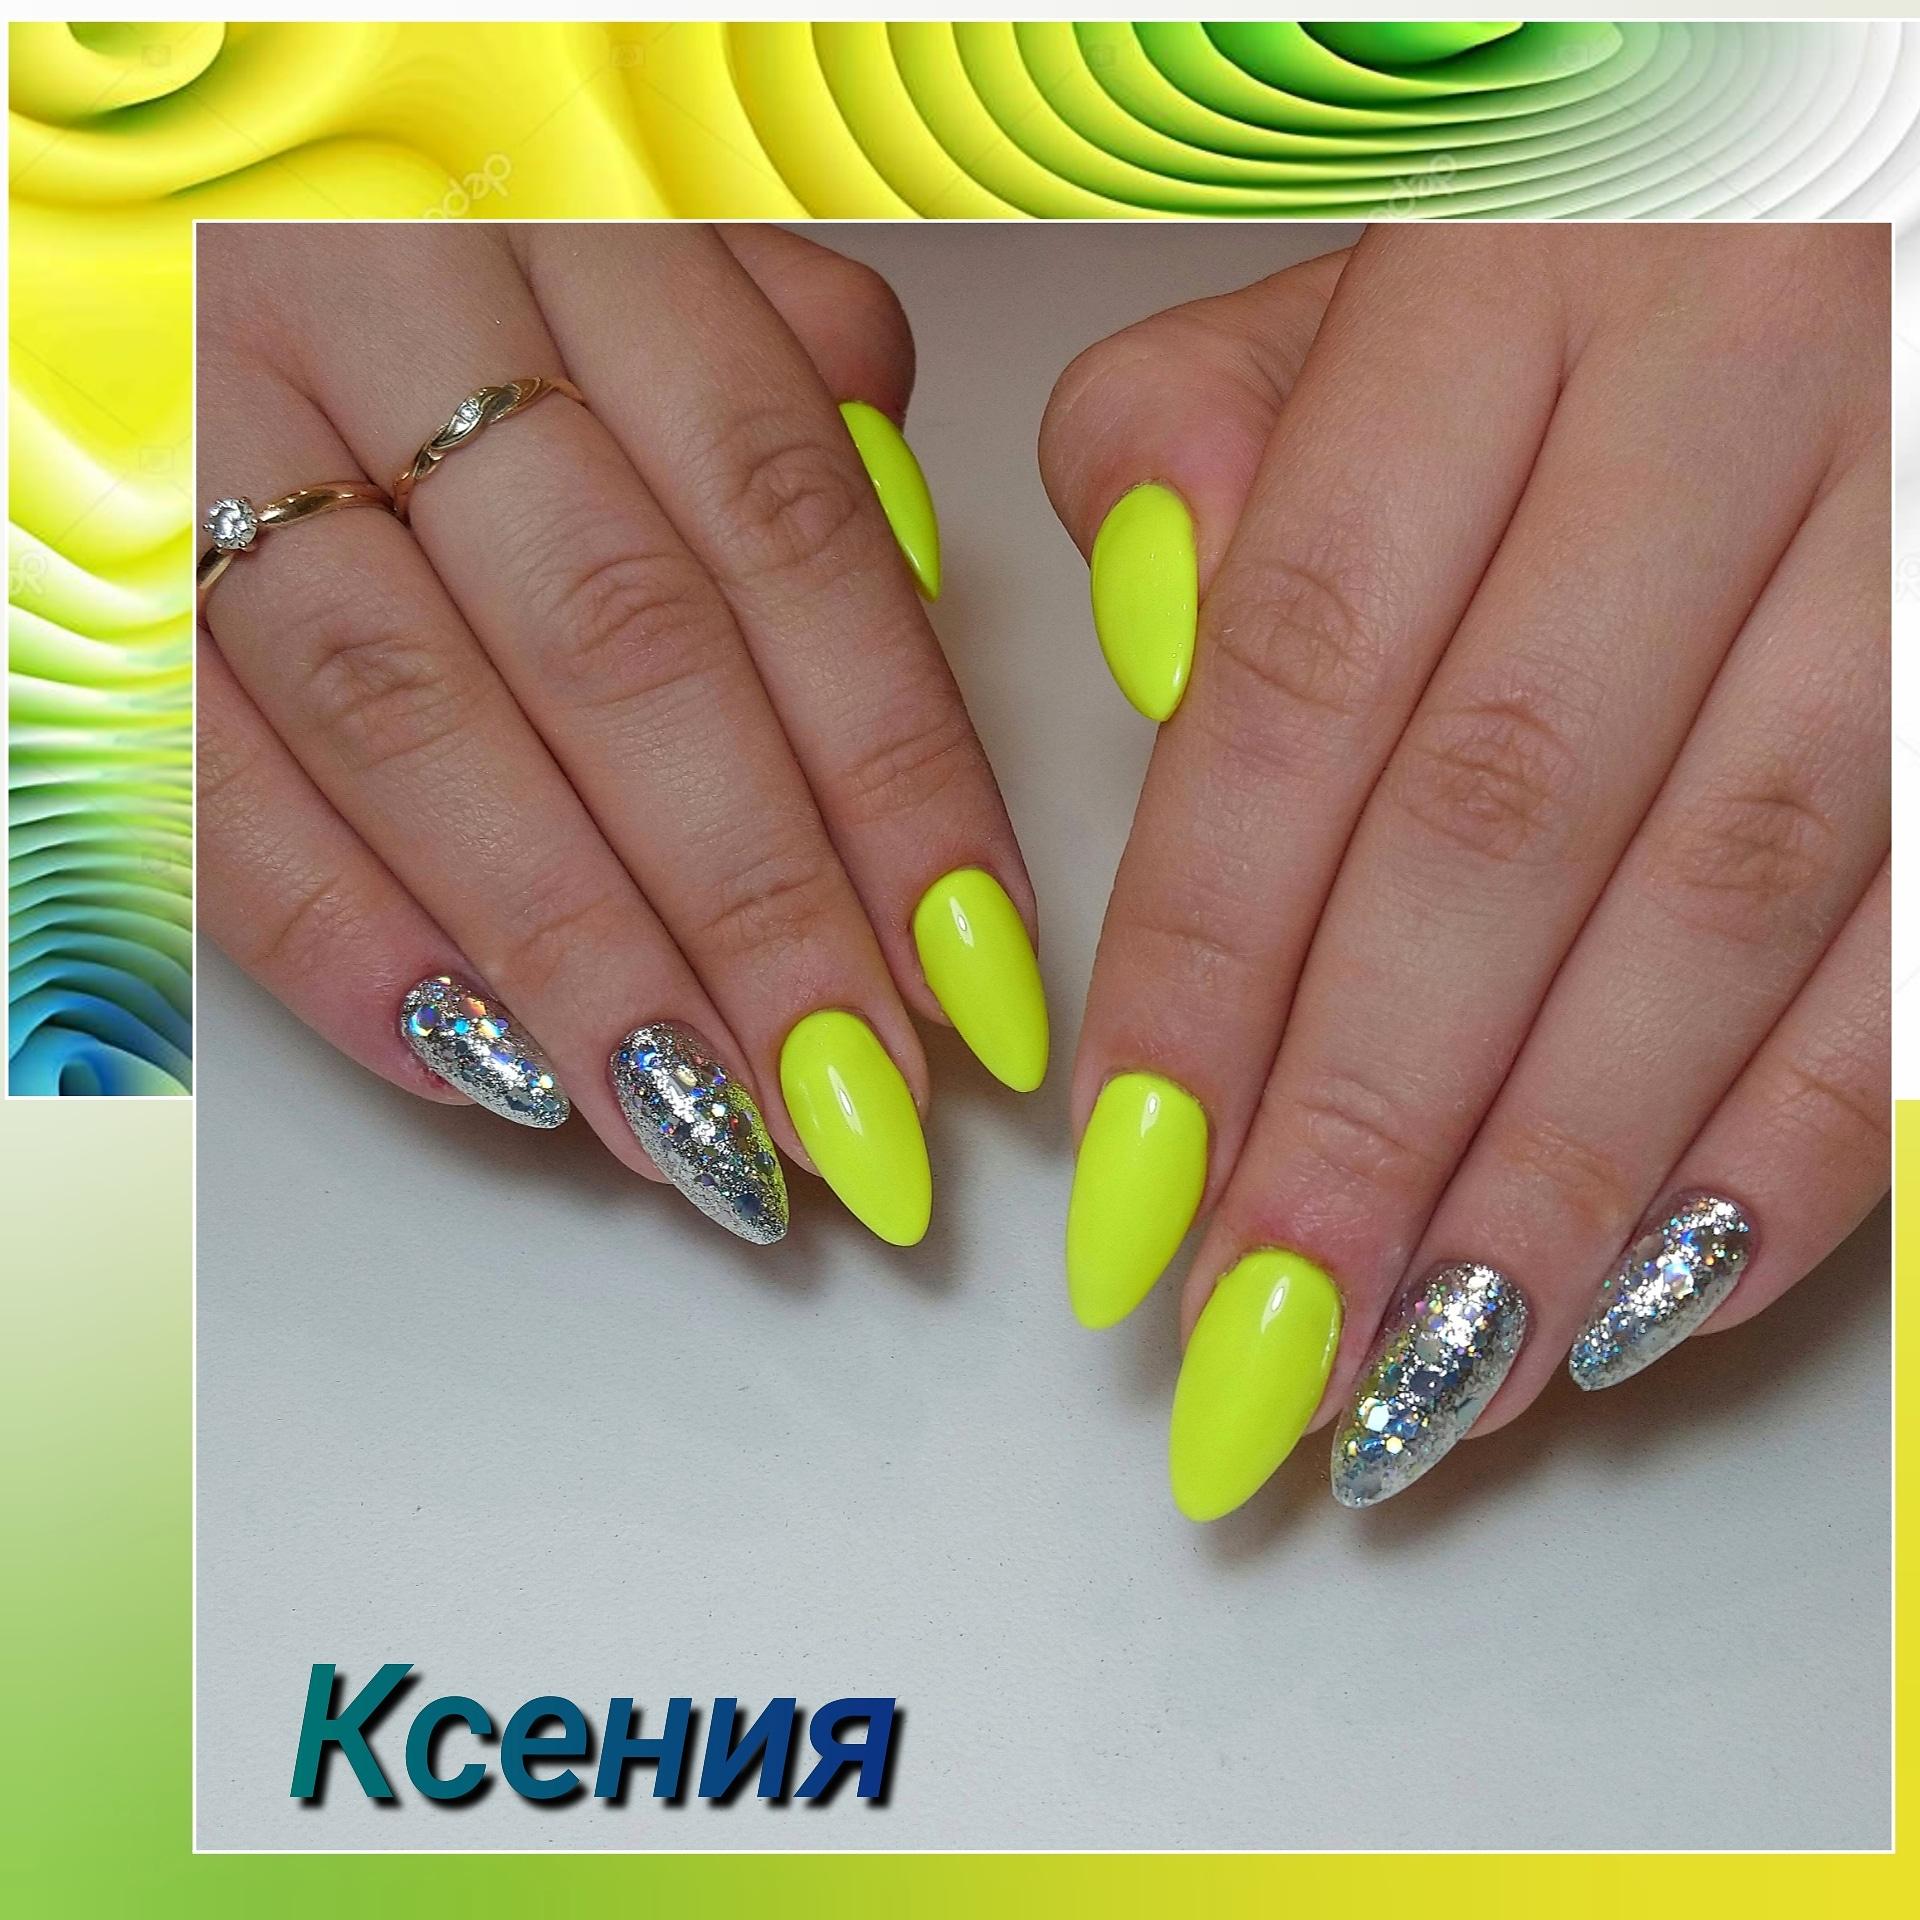 Маникюр с серебряными блестками в желтом цвете на длинные ногти.